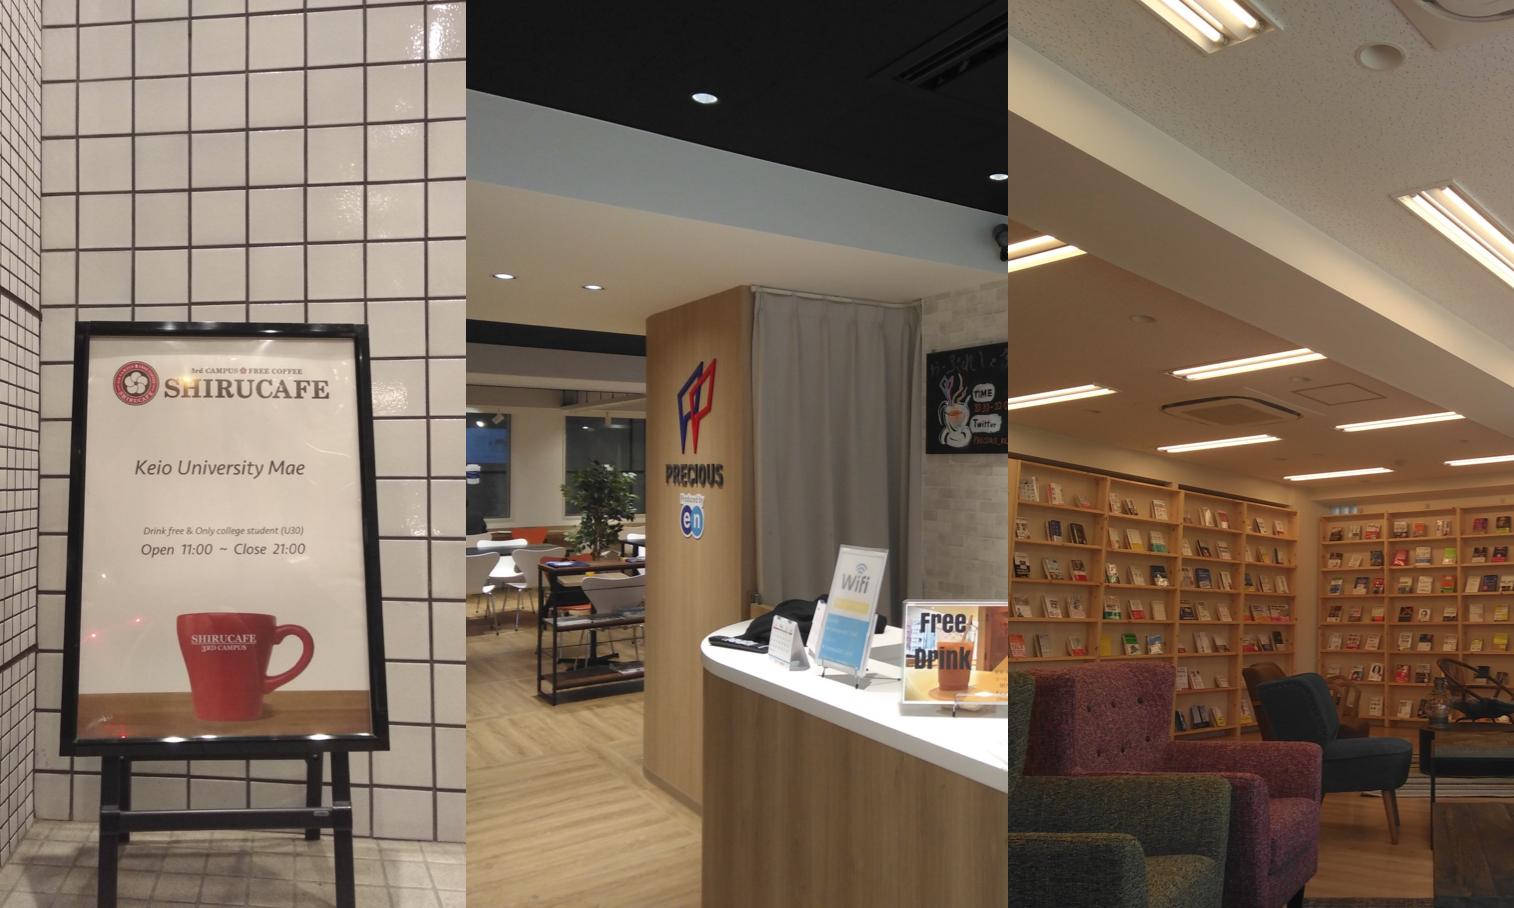 【三田キャンパス周辺】慶應生なら使いたい無料でWi−Fi・コンセントが使えて、ドリンクも飲めるカフェまとめ